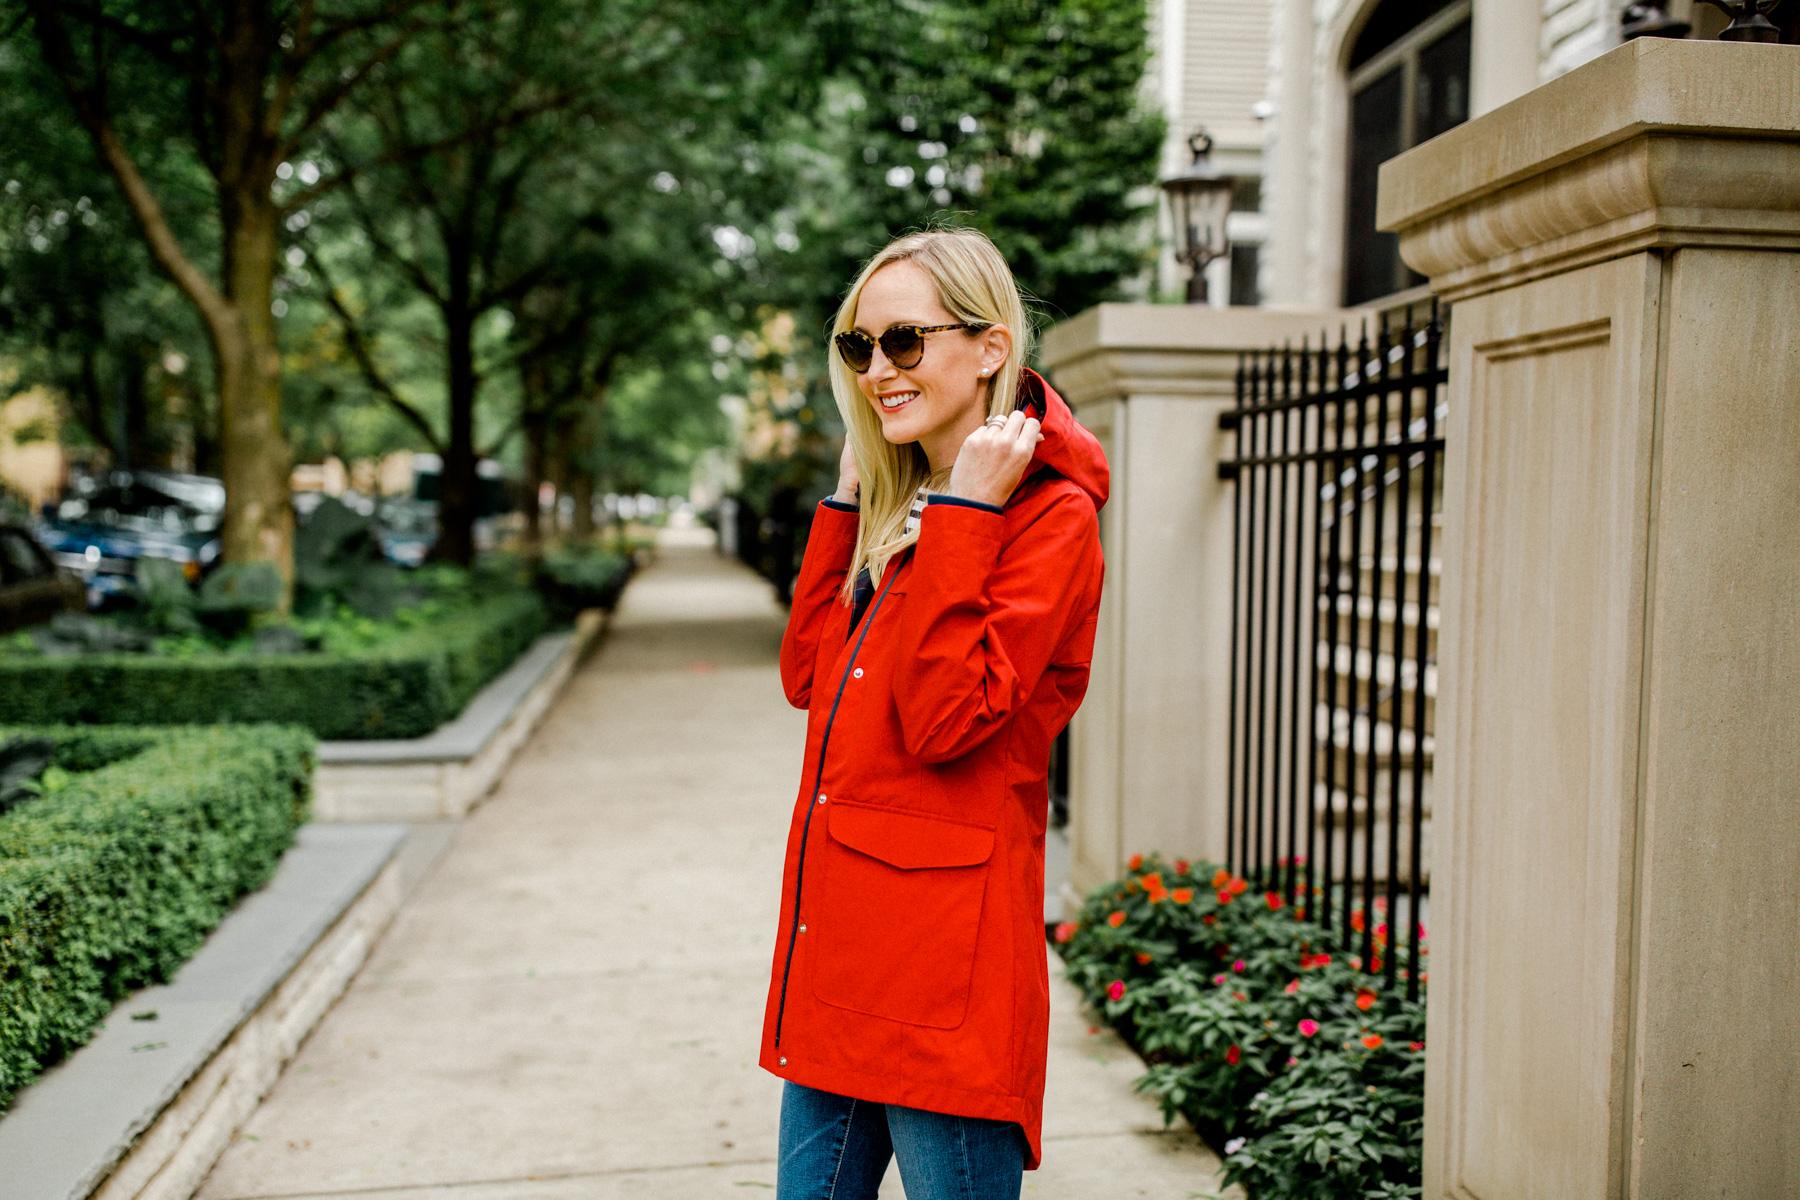 Pendleton Jacket (On sale!) / AG Jeans